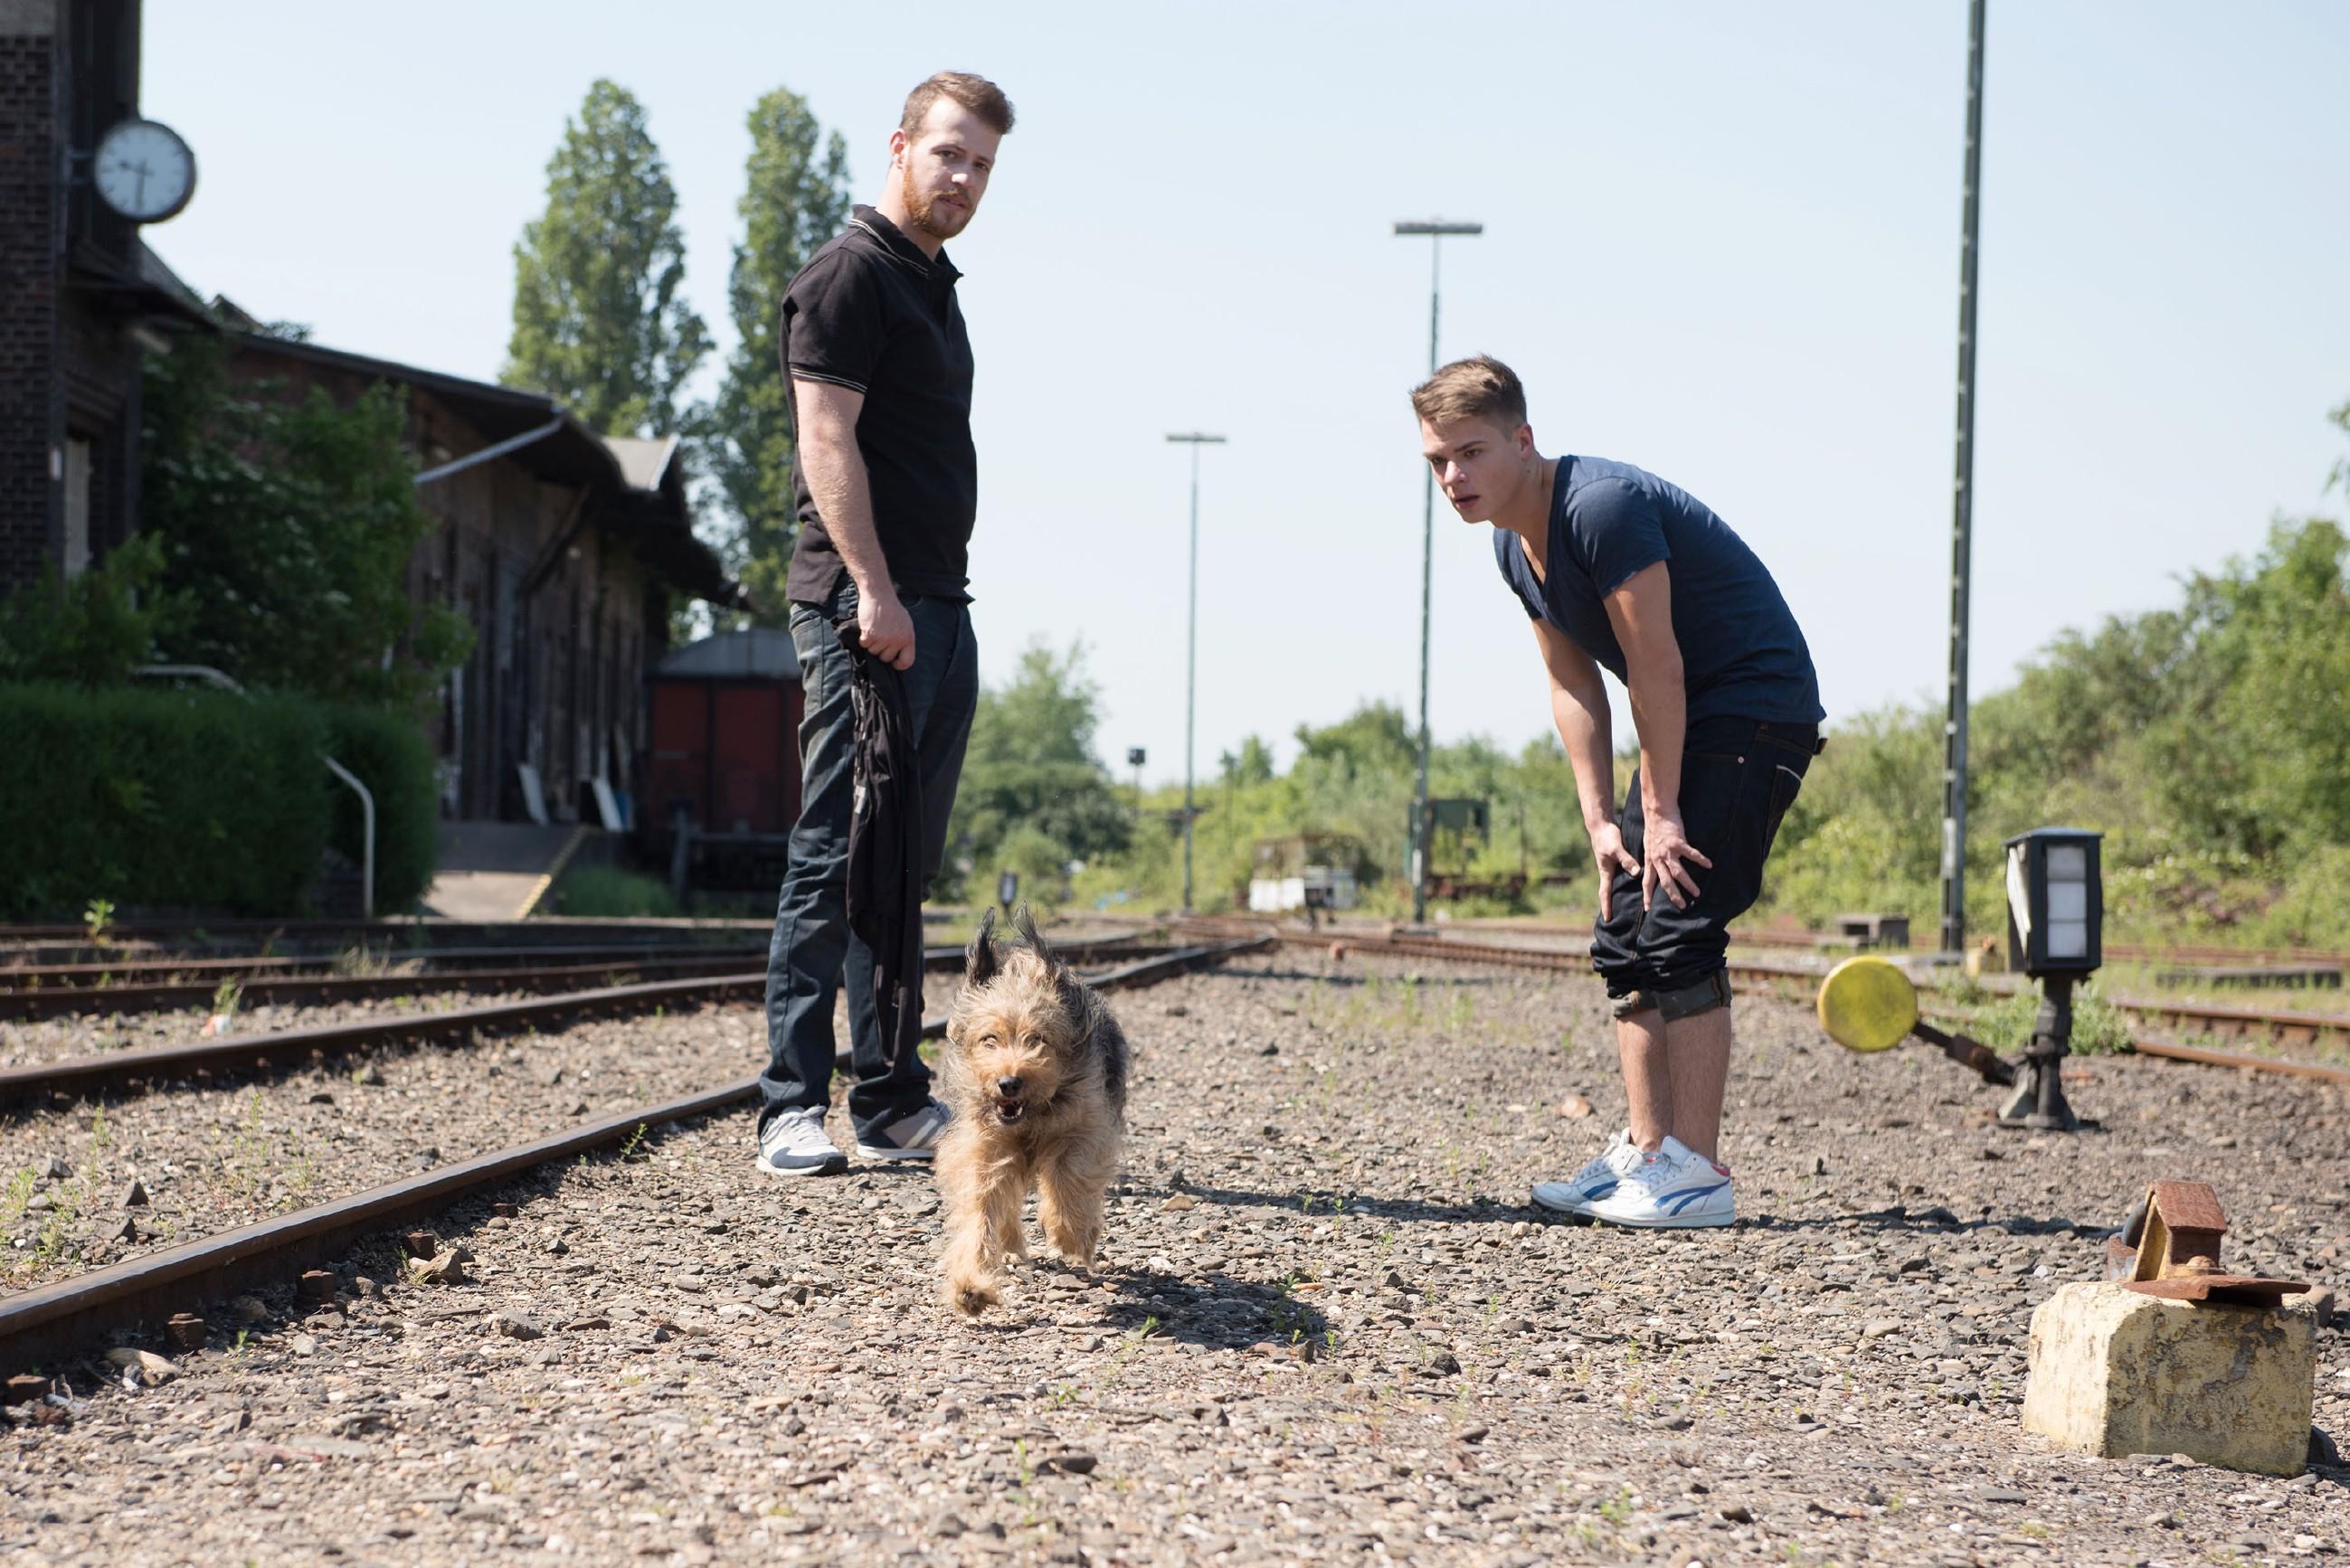 Tobias (Patrick Müller, l.) und Moritz (Marvin Linke) finden auf der Suche nach den Entführten dank Stinker eine erste Spur... (Quelle: © RTL / Stefan Behrens)